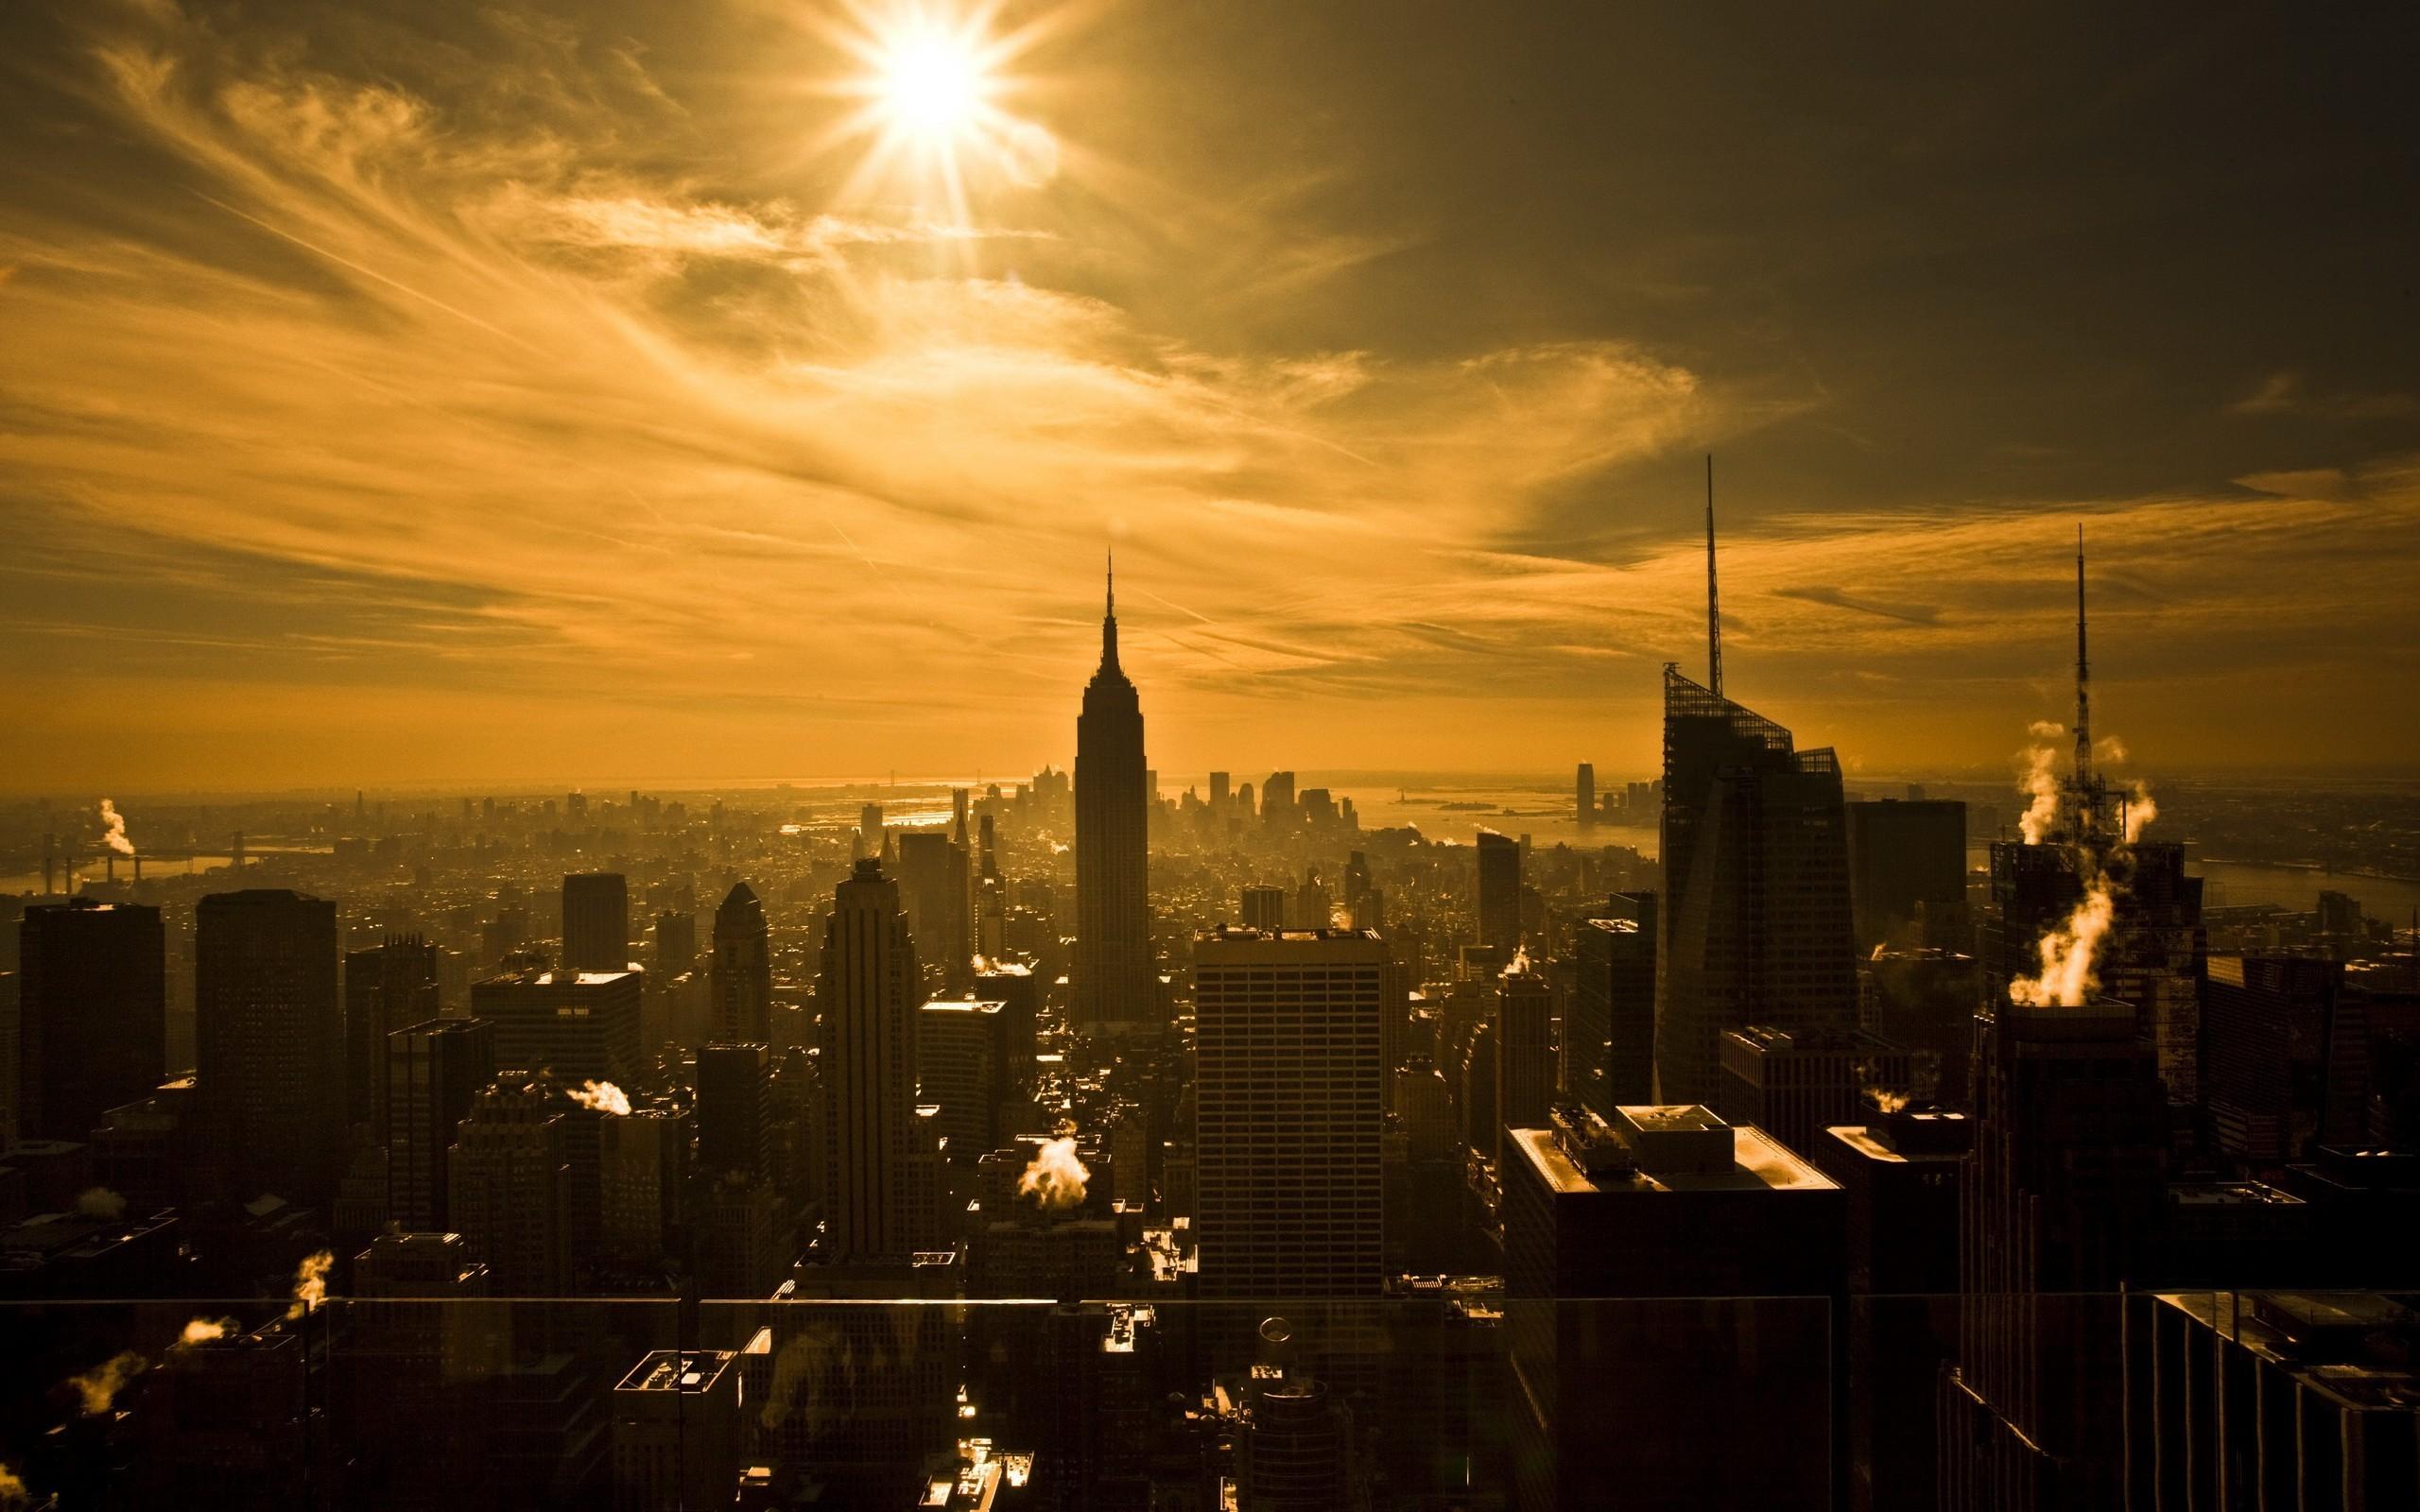 Sunset Over New York wallpaper